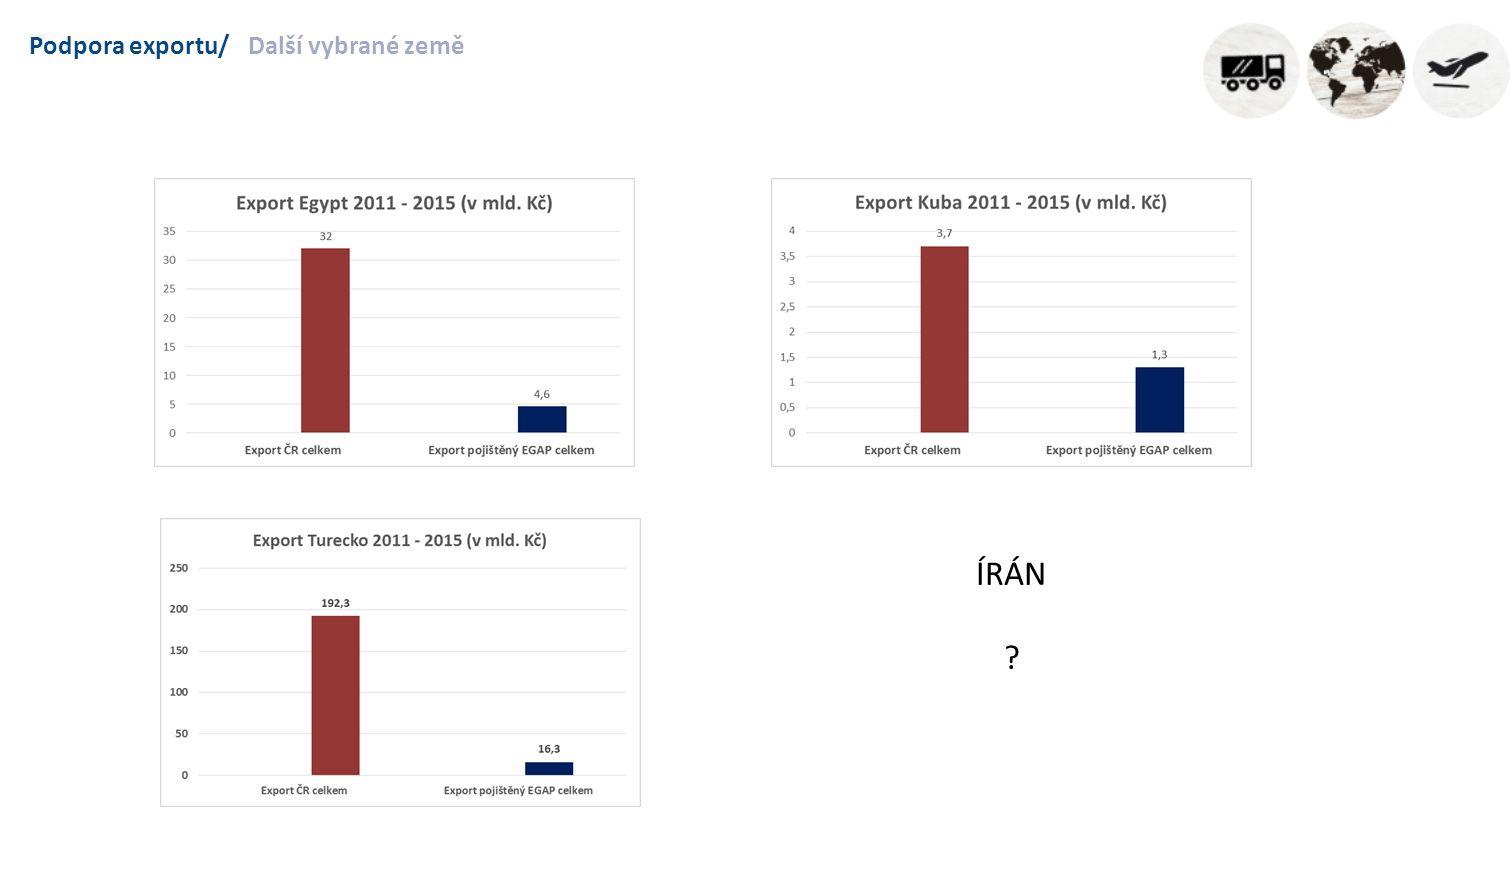 Podpora exportu/Další vybrané země ÍRÁN ?